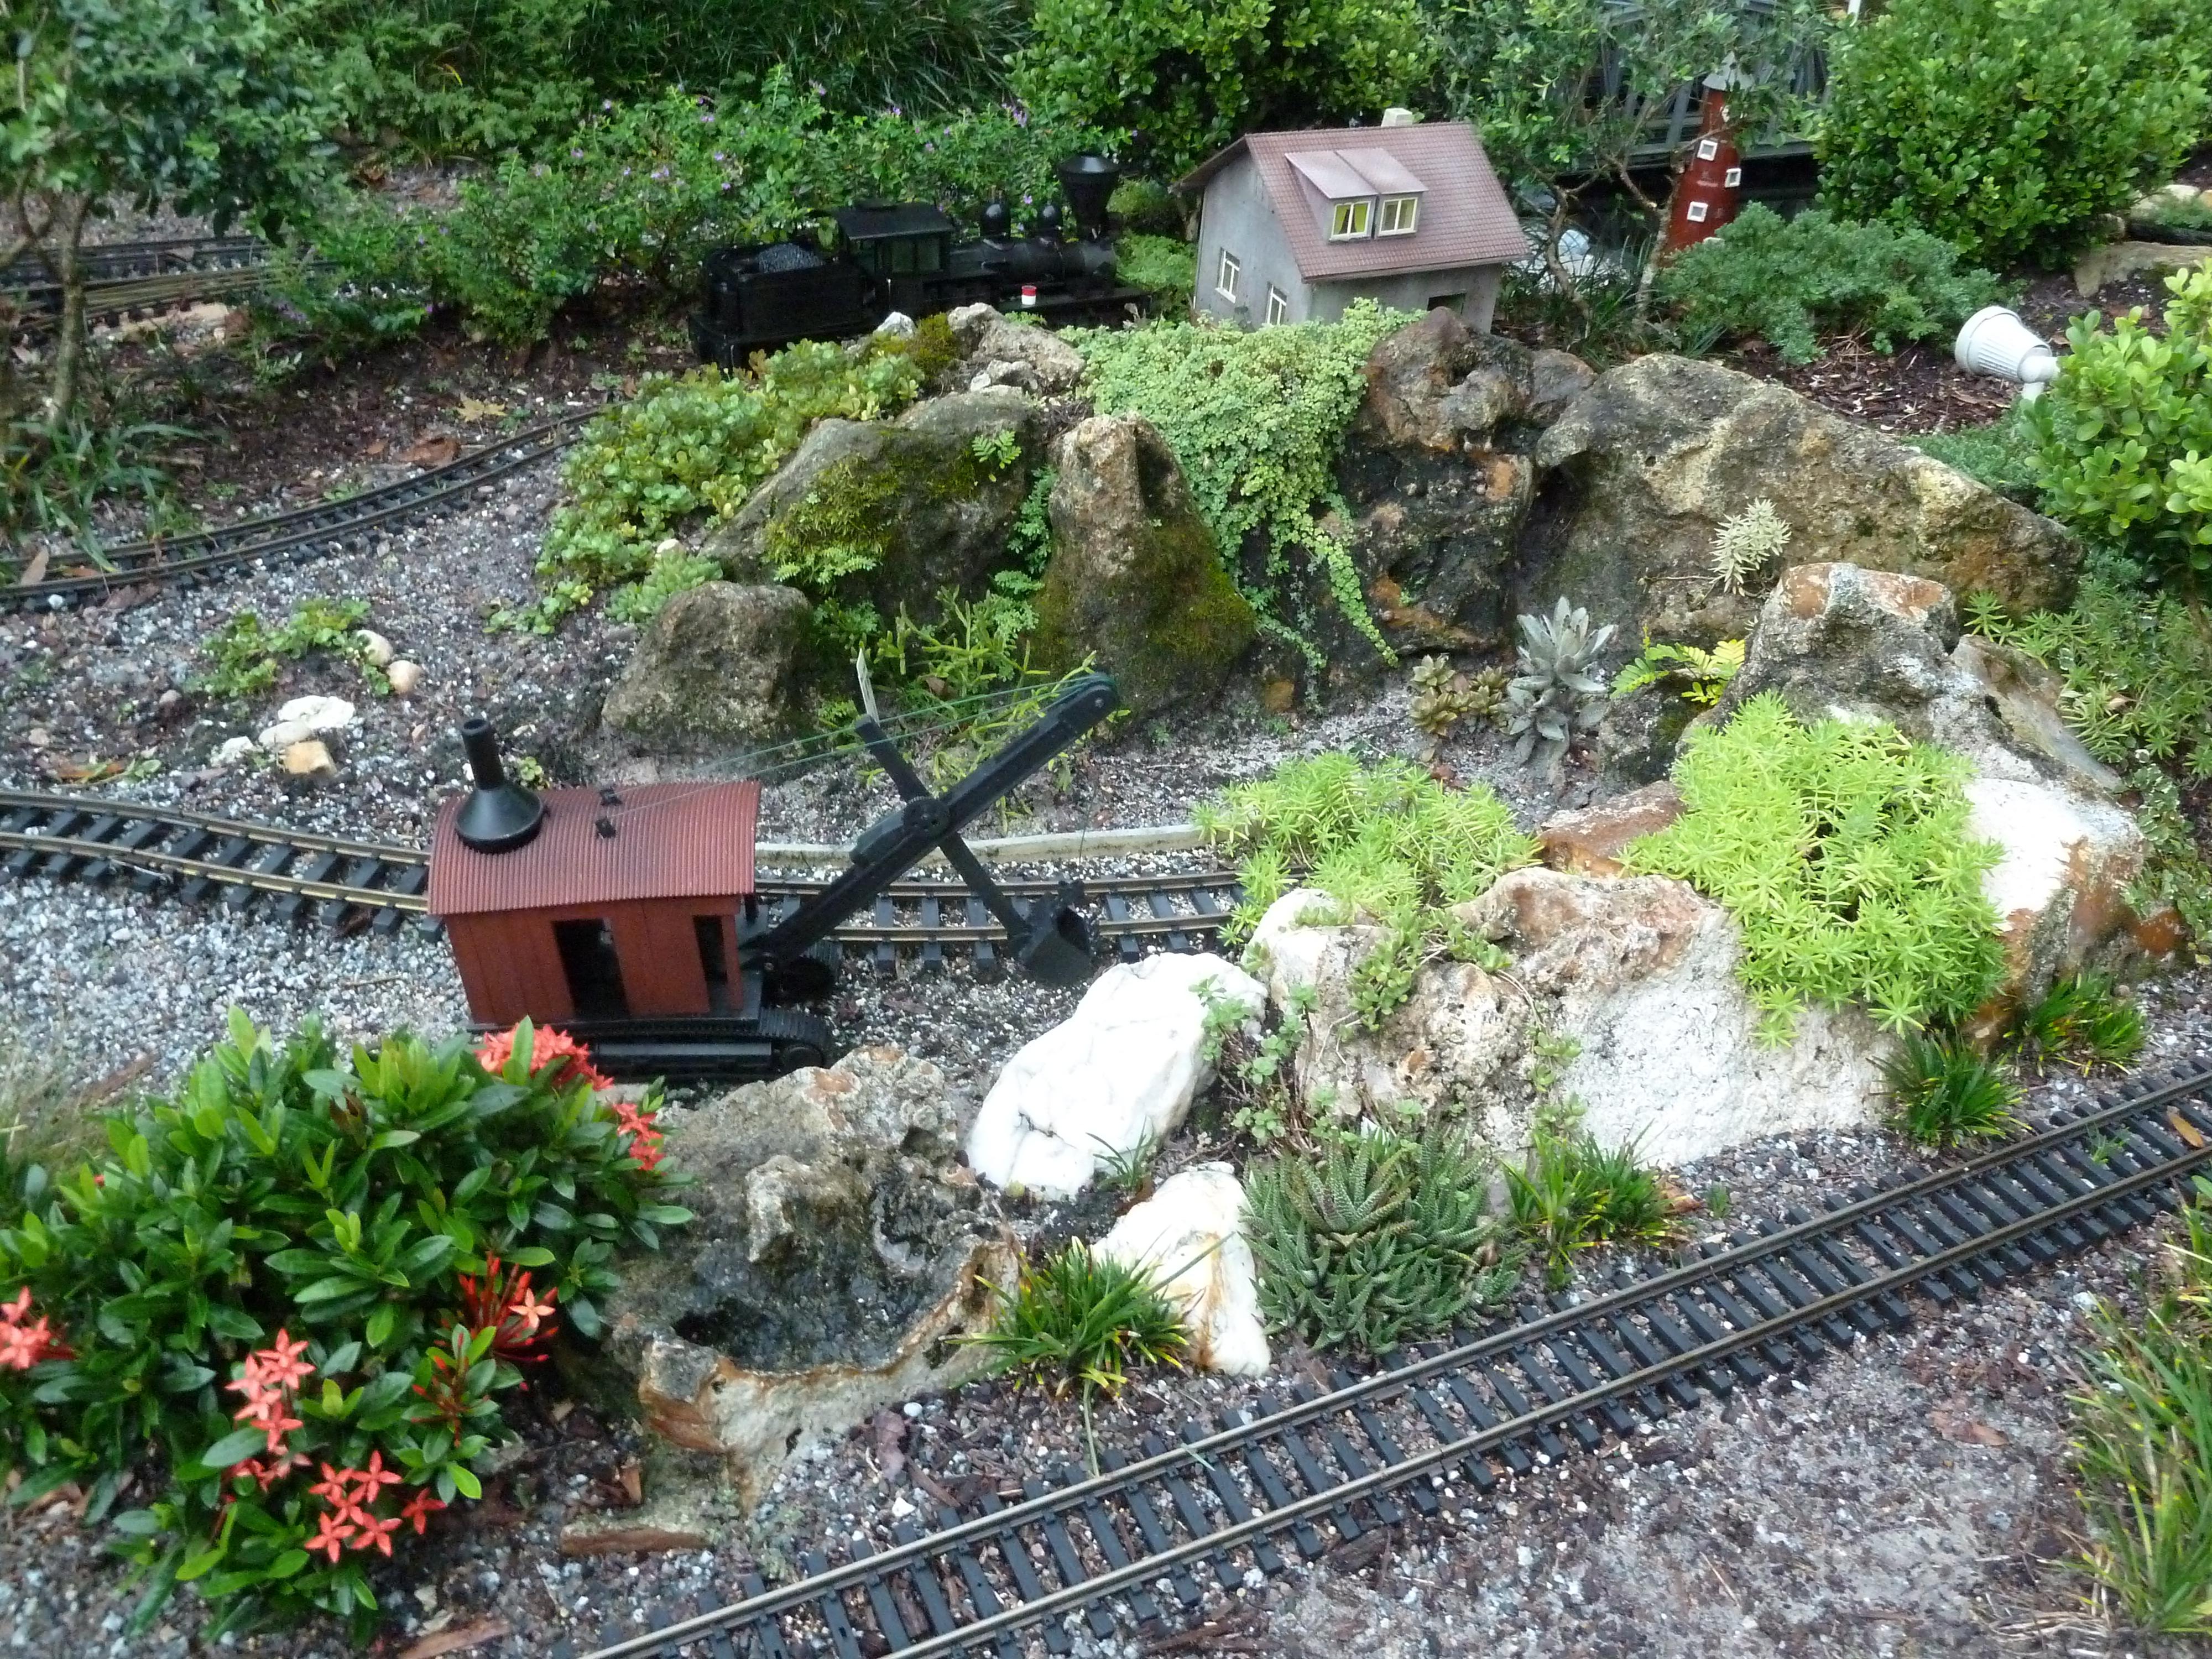 Working on the Railroad Centralia Garden Railroad